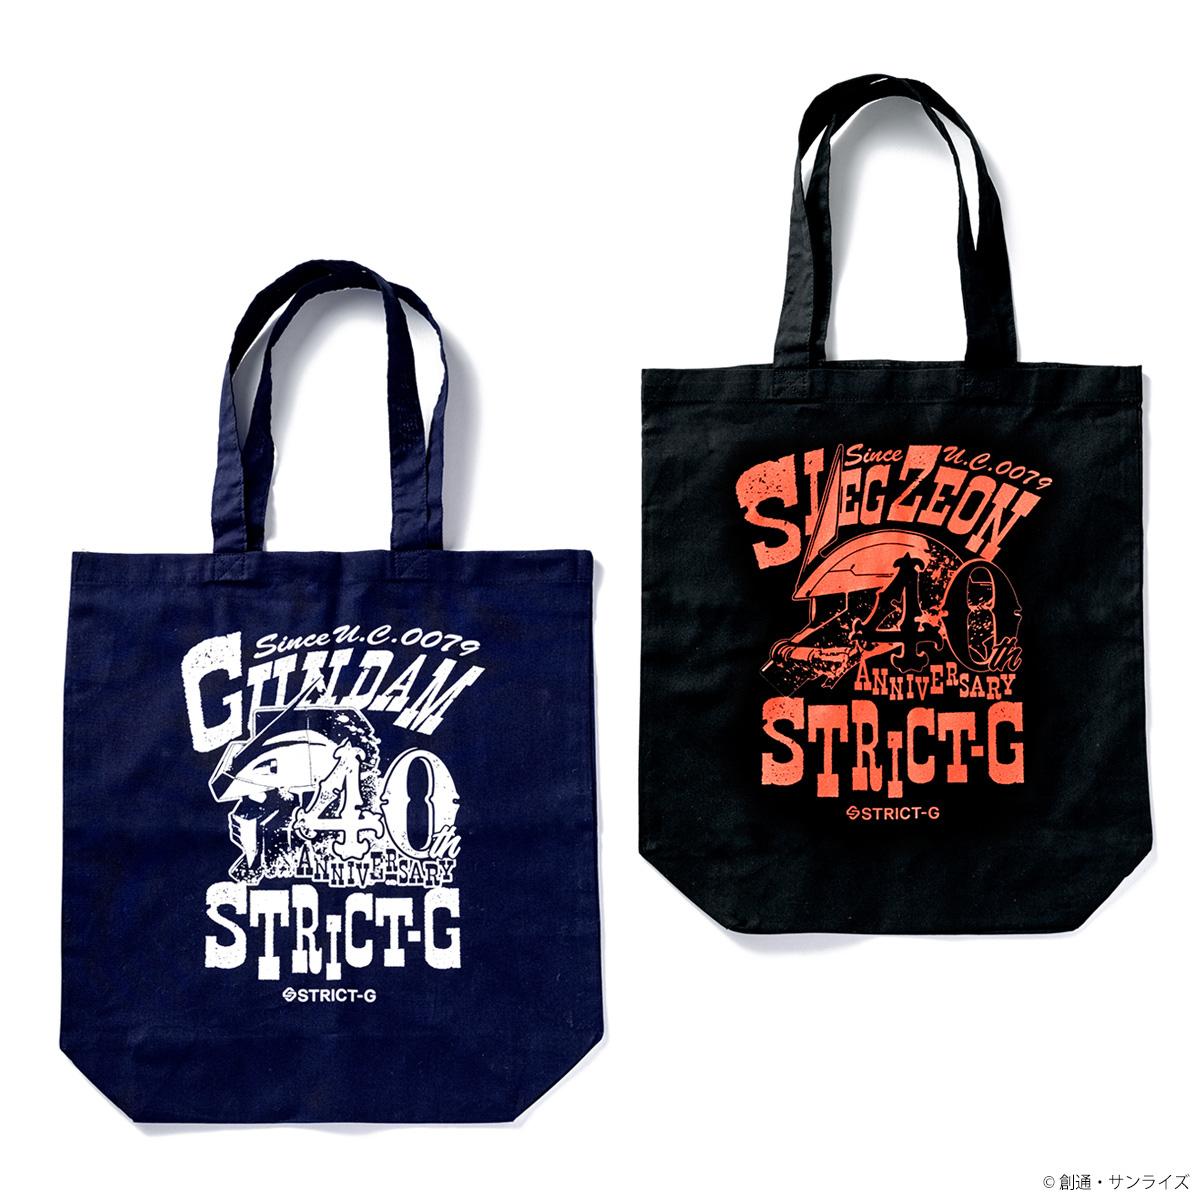 STRICT-G『機動戦士ガンダム』40周年記念フェア第三弾開催!